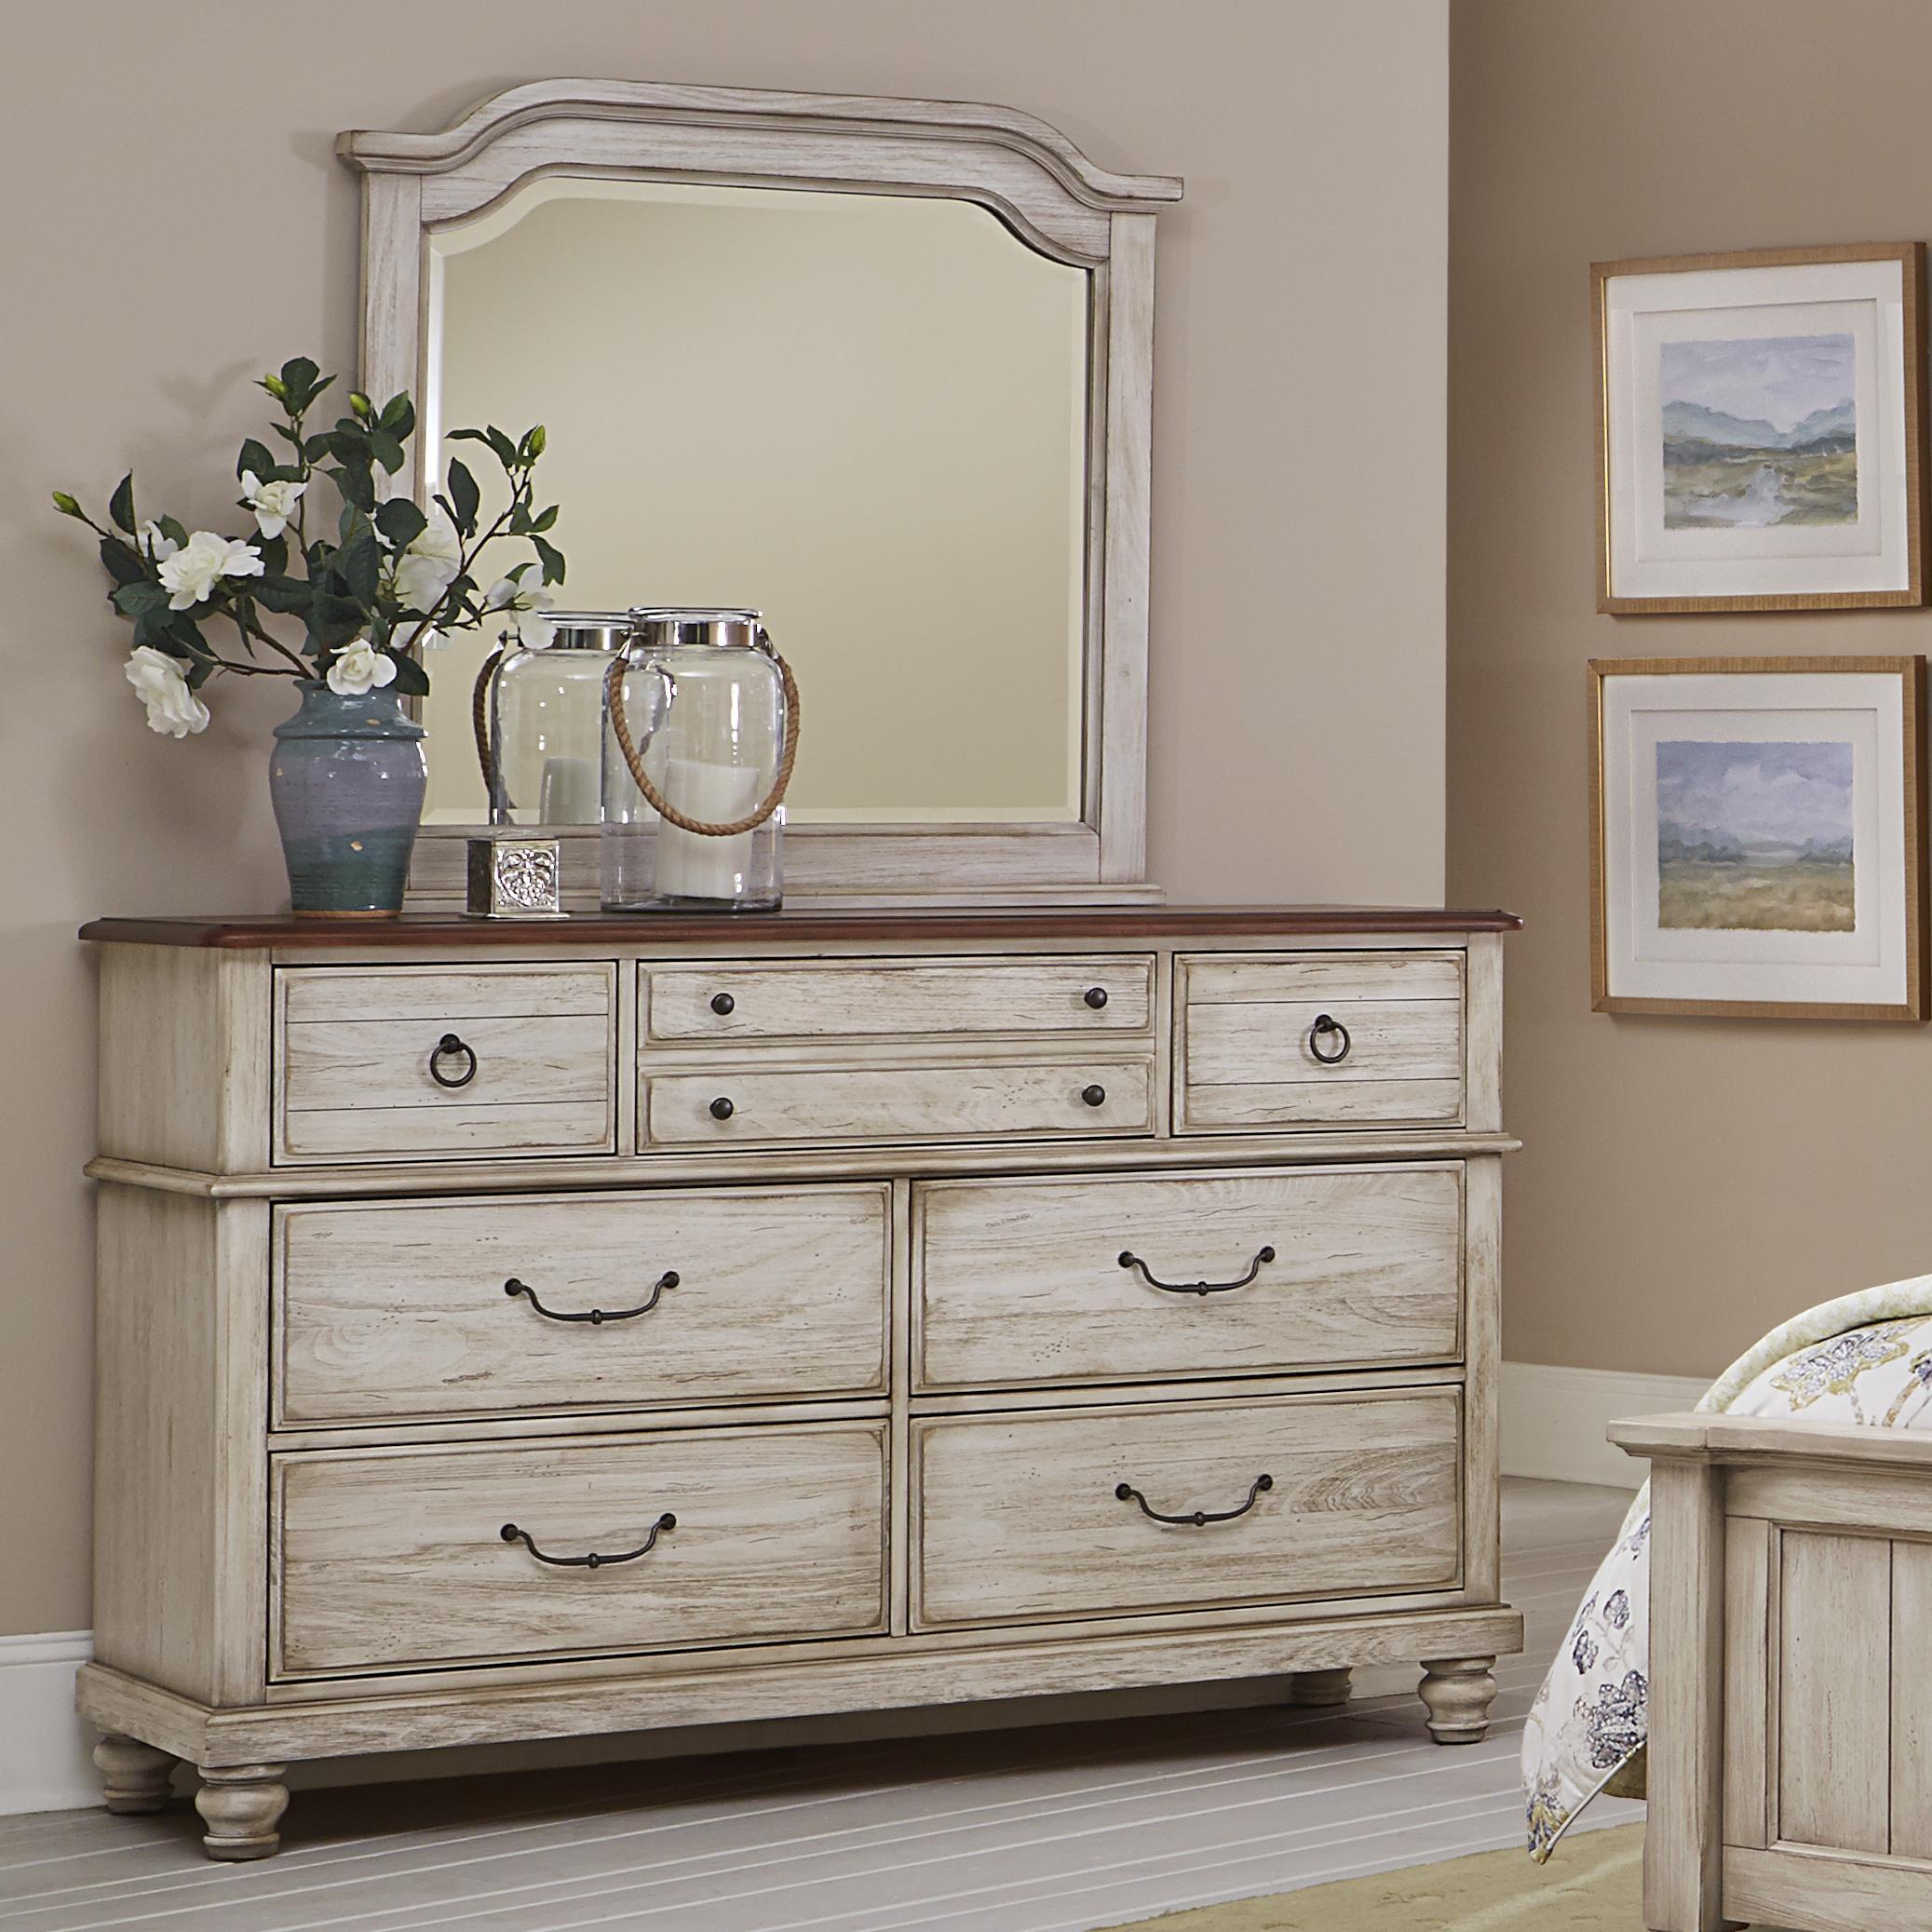 Vaughan Bassett Arrendelle Dresser & Mirror - Item Number: 442-002+446